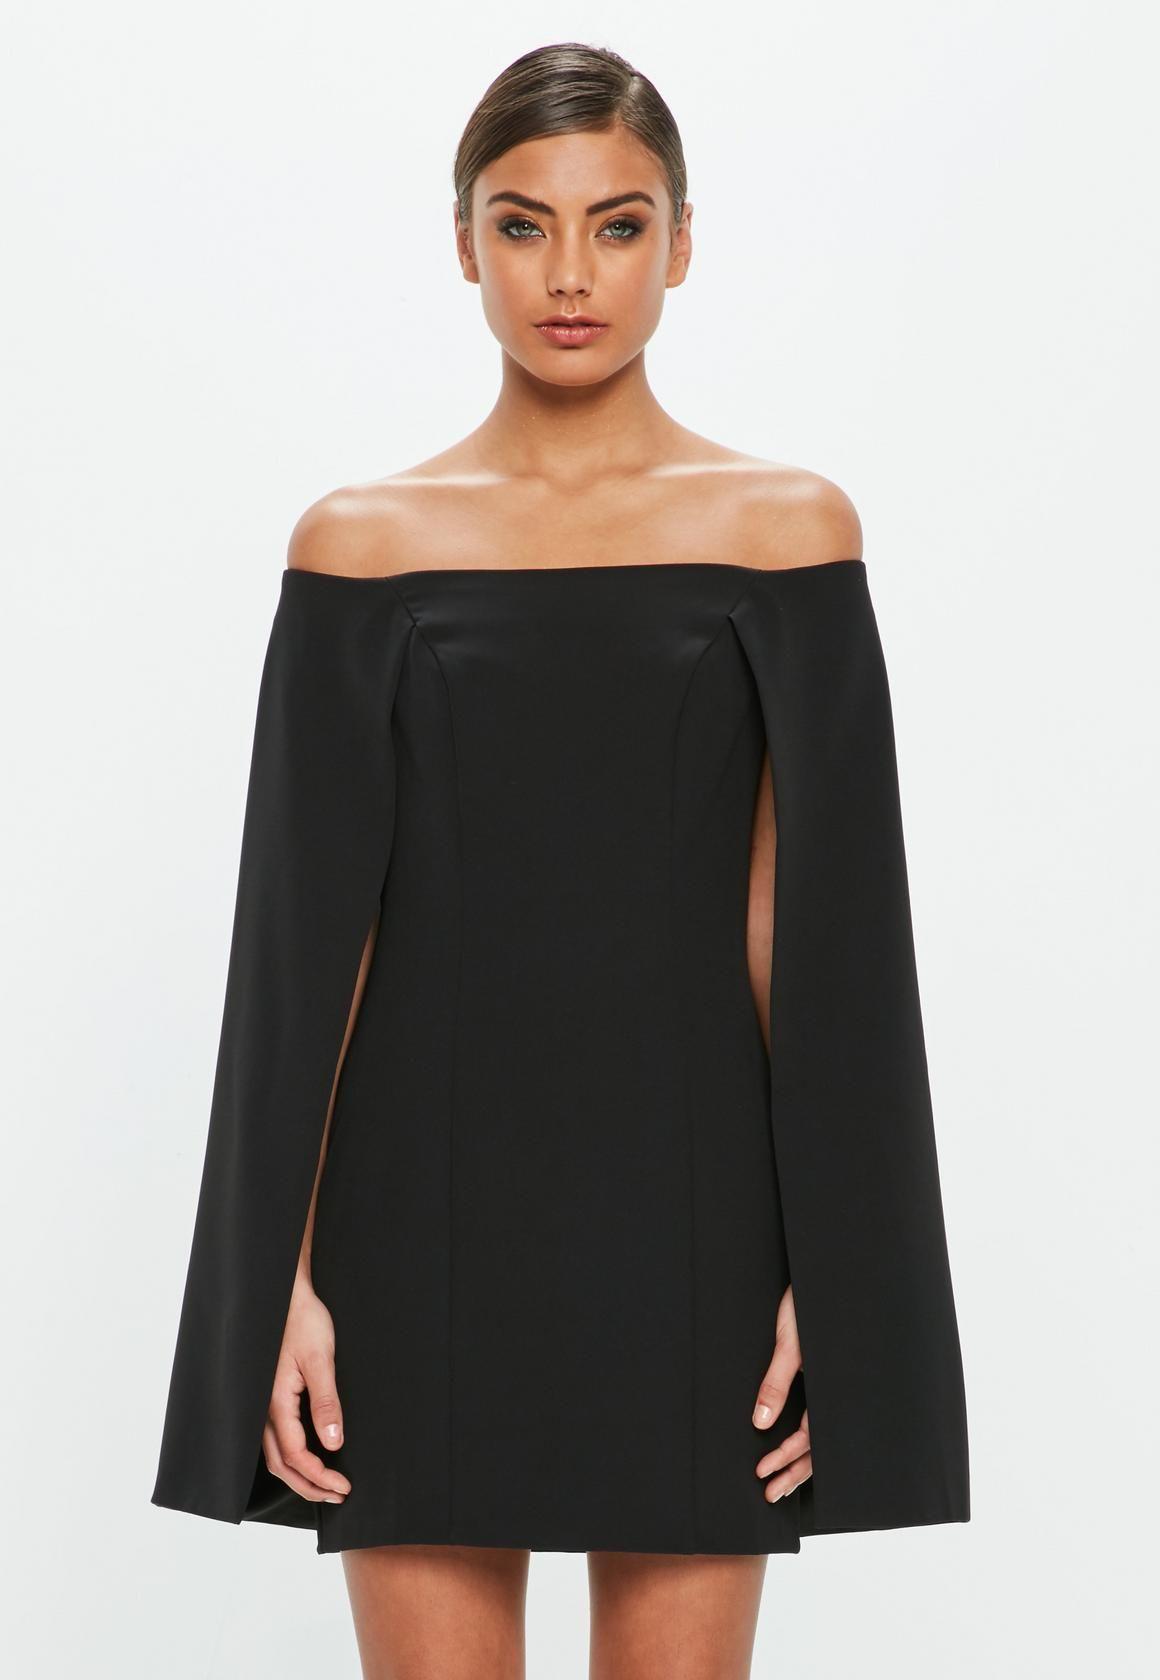 3aa85f41c8b4e0 Missguided - Peace Love Black Bardot Cape Tailored Mini Dress